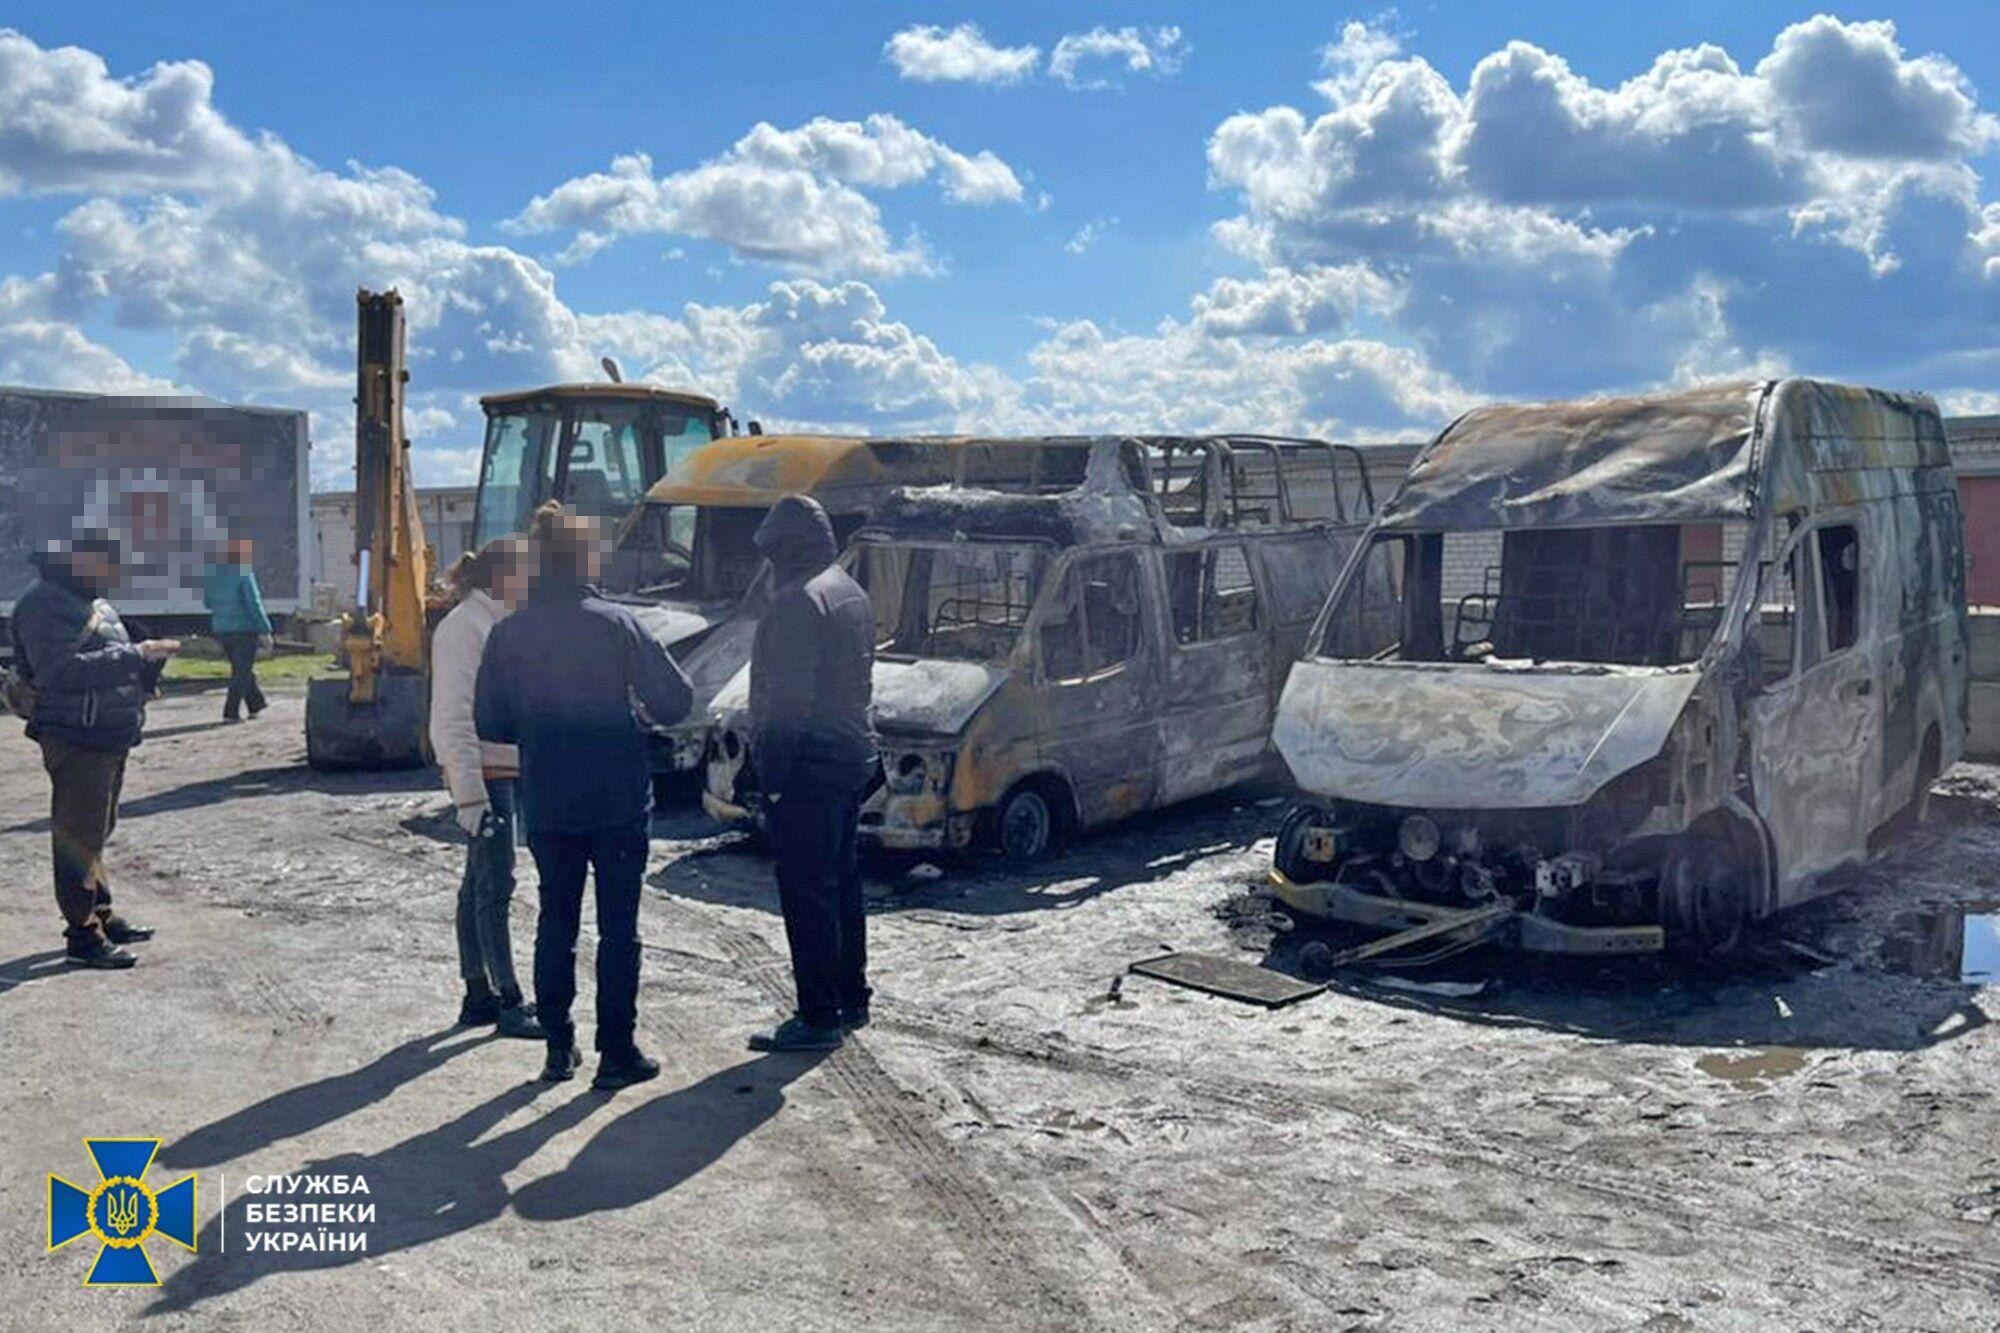 Машины, сожженные после отказа платить бандитам